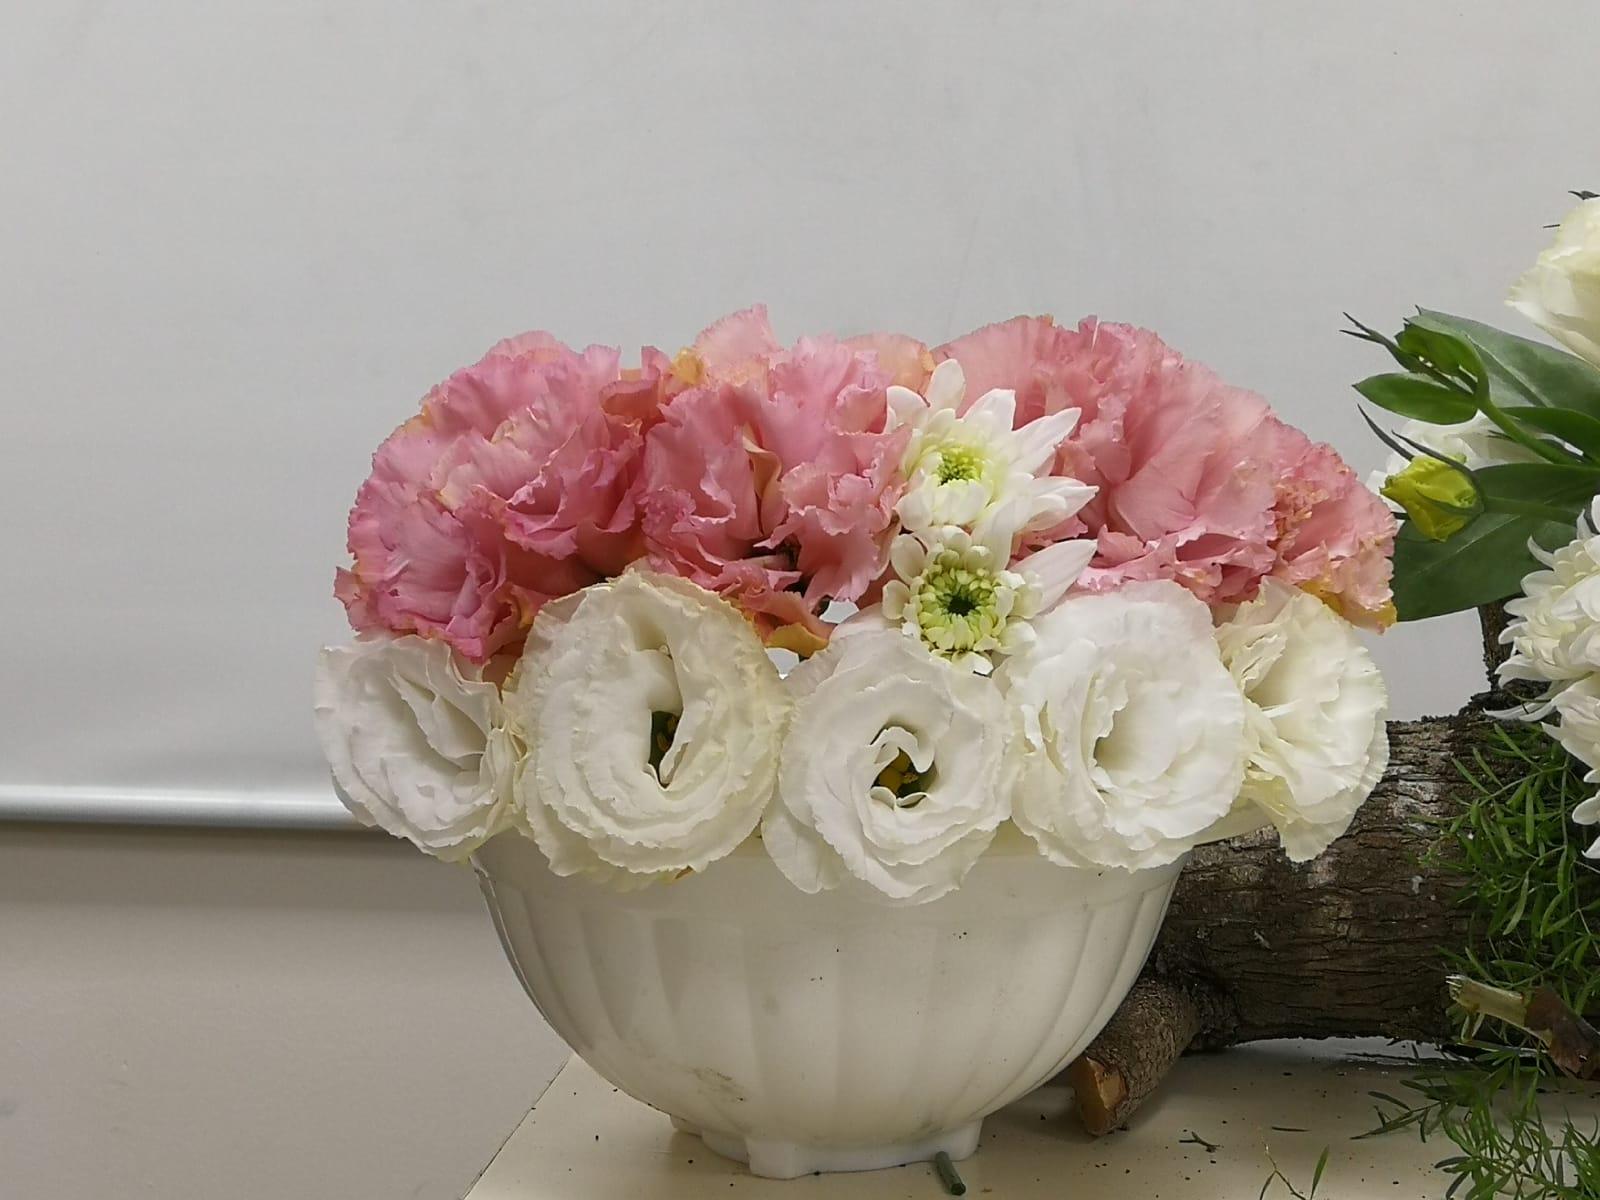 גלרייה - קורס הפקת אירועים מחזור 25 - בשיעור שזירת פרחים , 3 מתוך 7